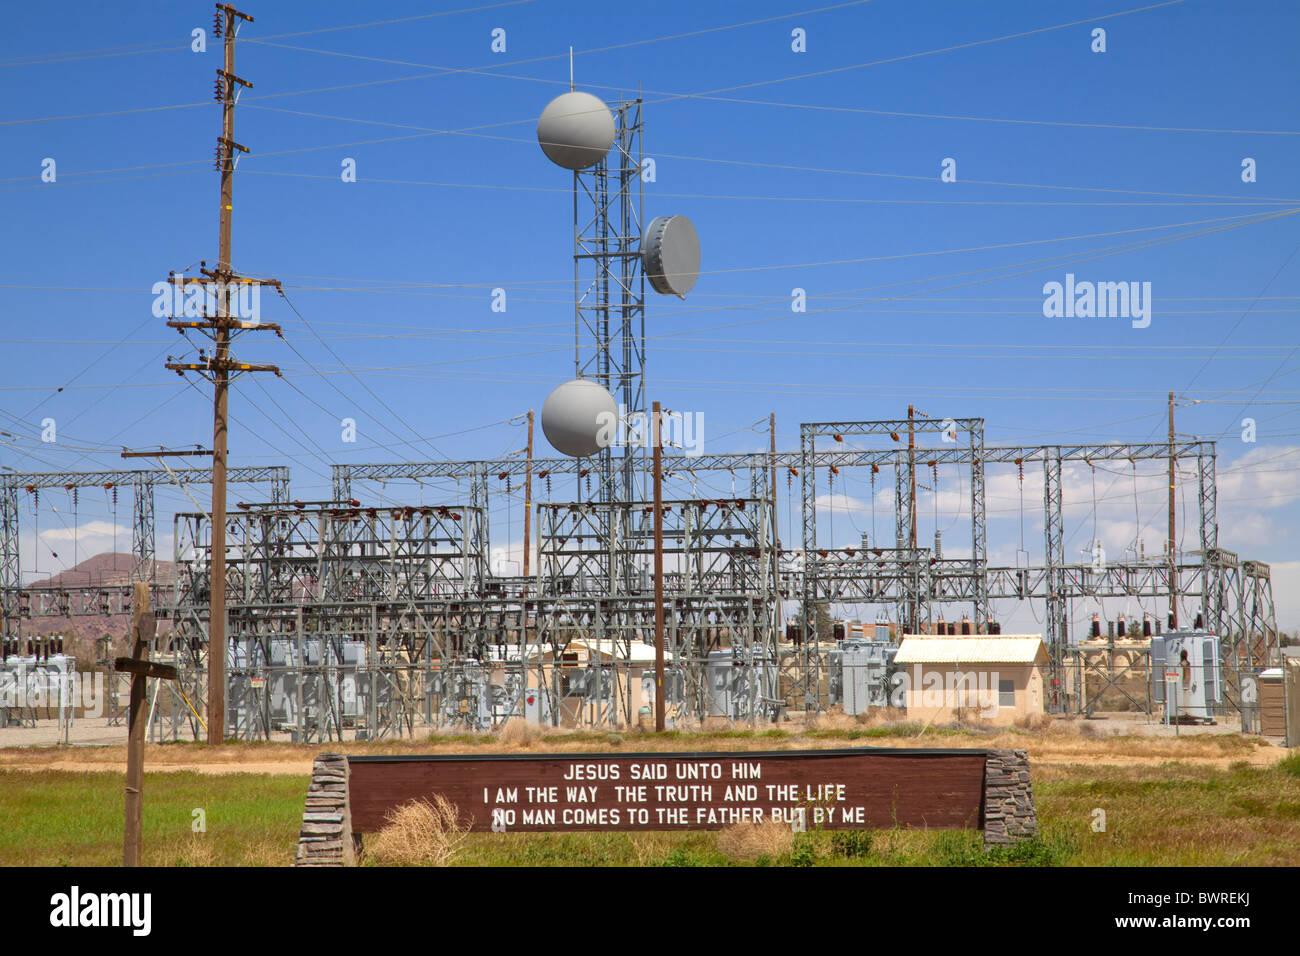 Strom-Anlage mit religiösen Zeichen, Rosamond, Kern County, Kalifornien, USA Stockbild